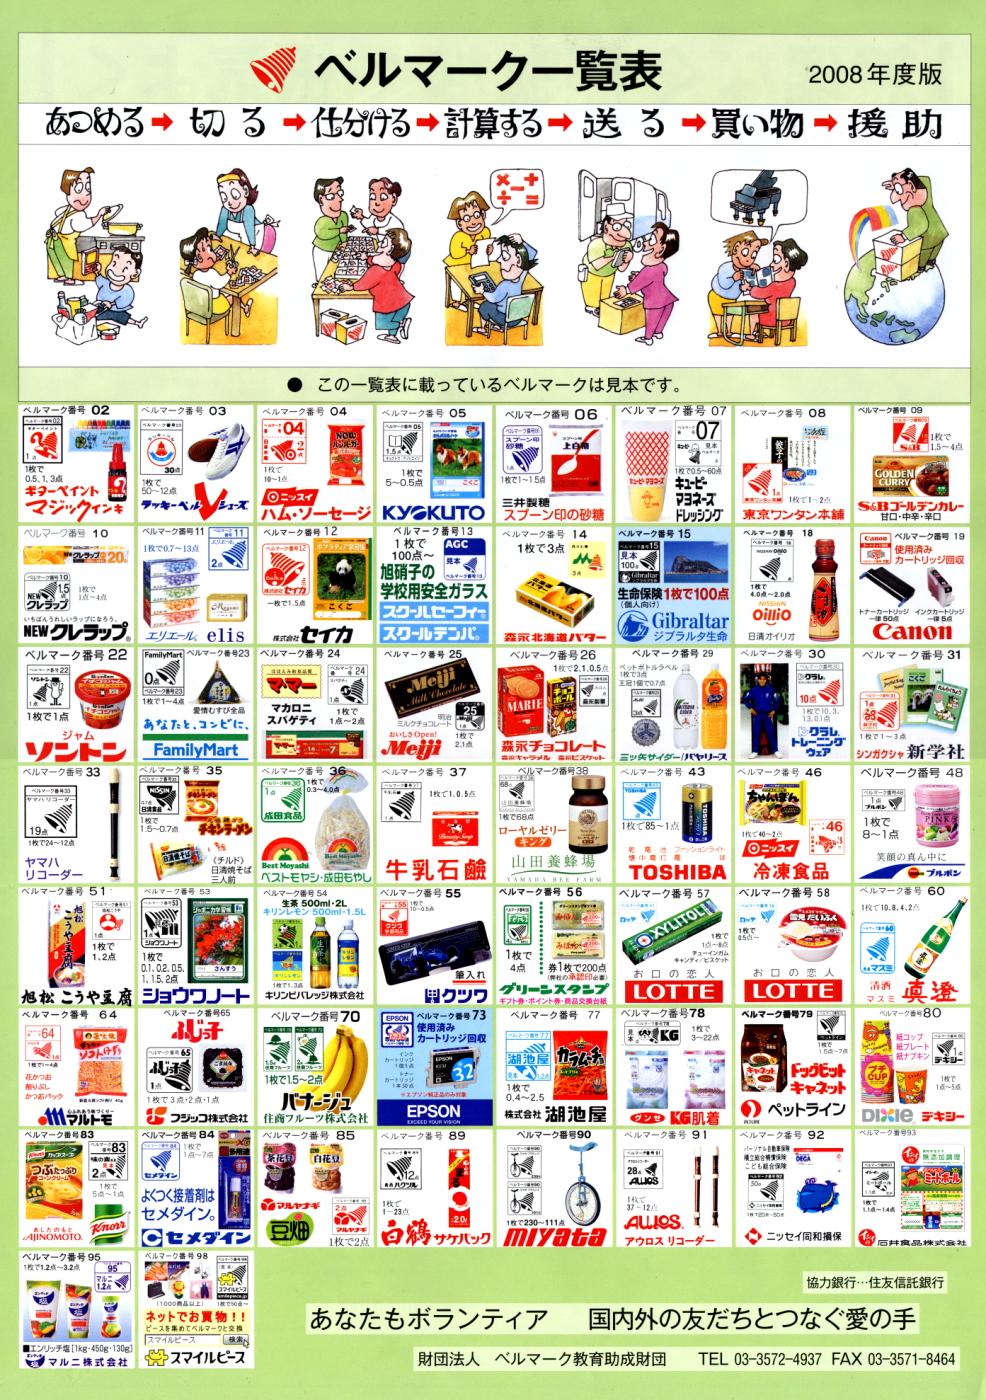 カレンダー カレンダー 2015 : 便利な画像! : ベルマーク商品 ...